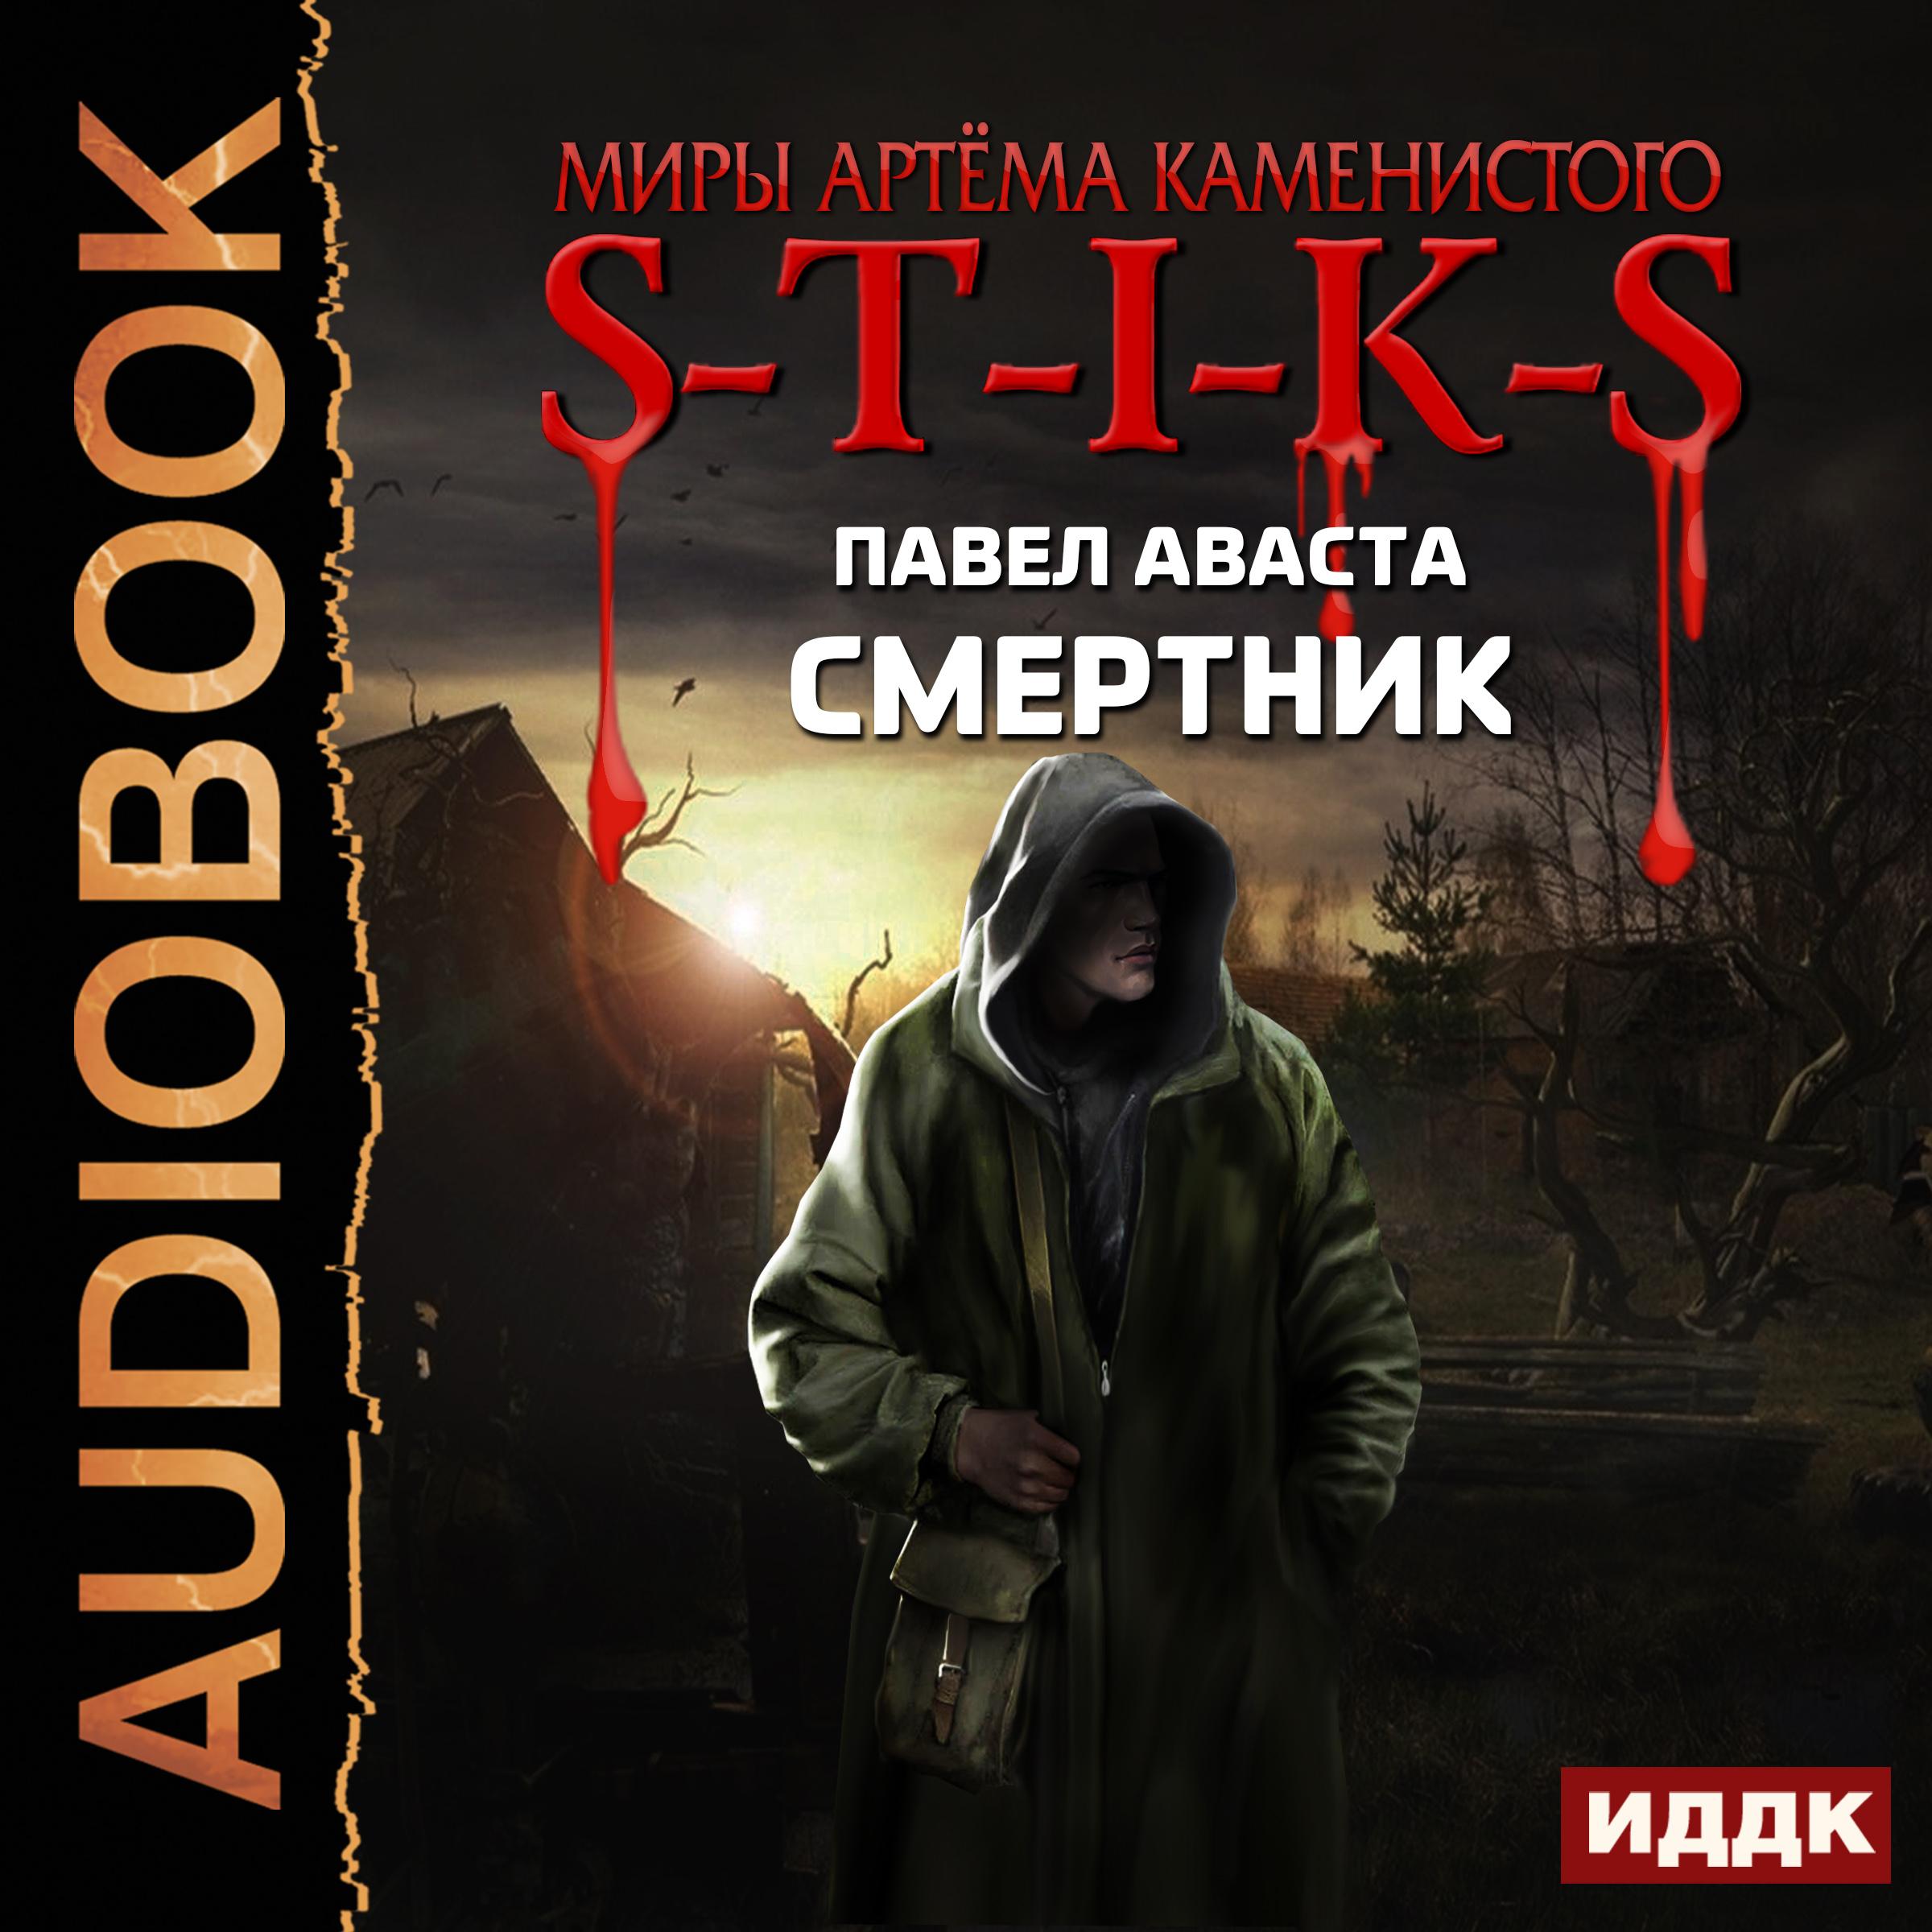 Павел Аваста S-T-I-K-S. Смертник андрей архипов s t i k s второй хранитель